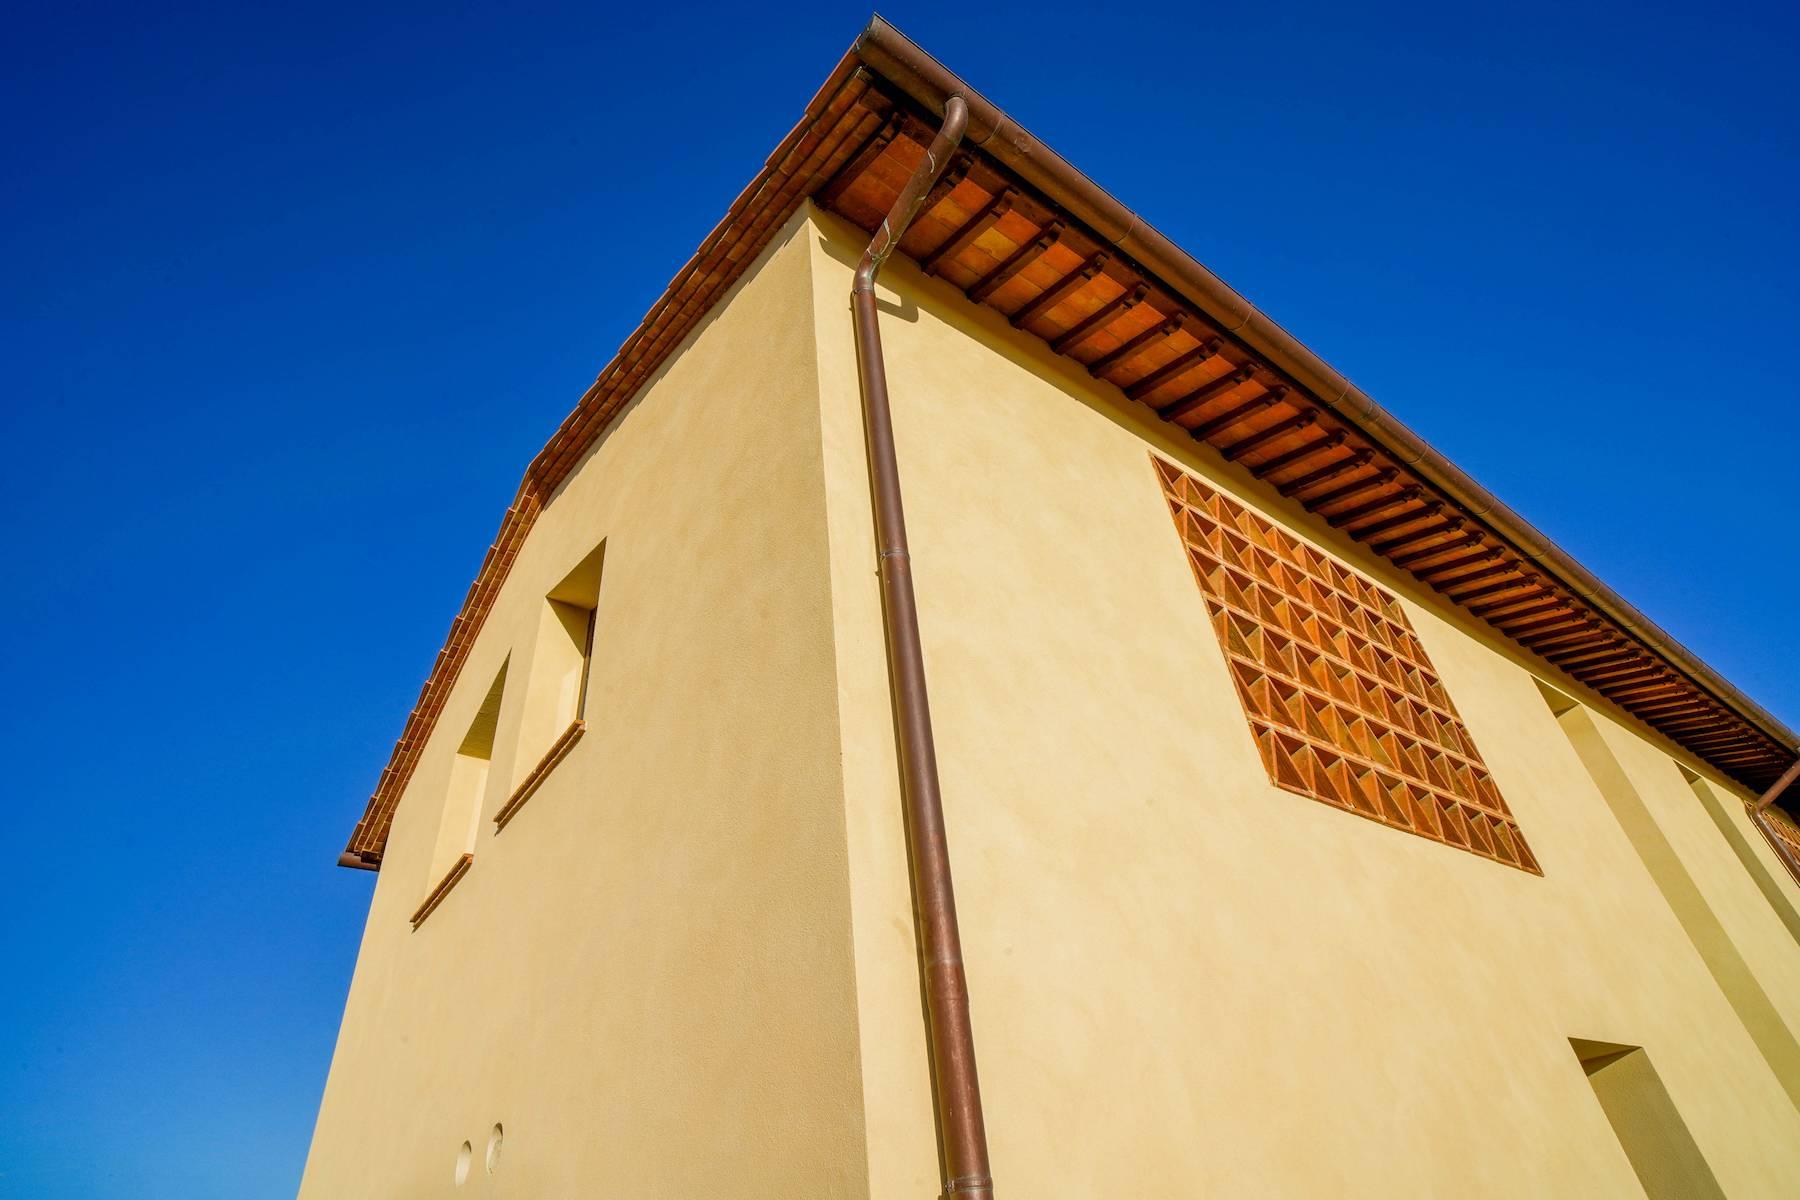 Rustico in Vendita a Montaione: 5 locali, 250 mq - Foto 15